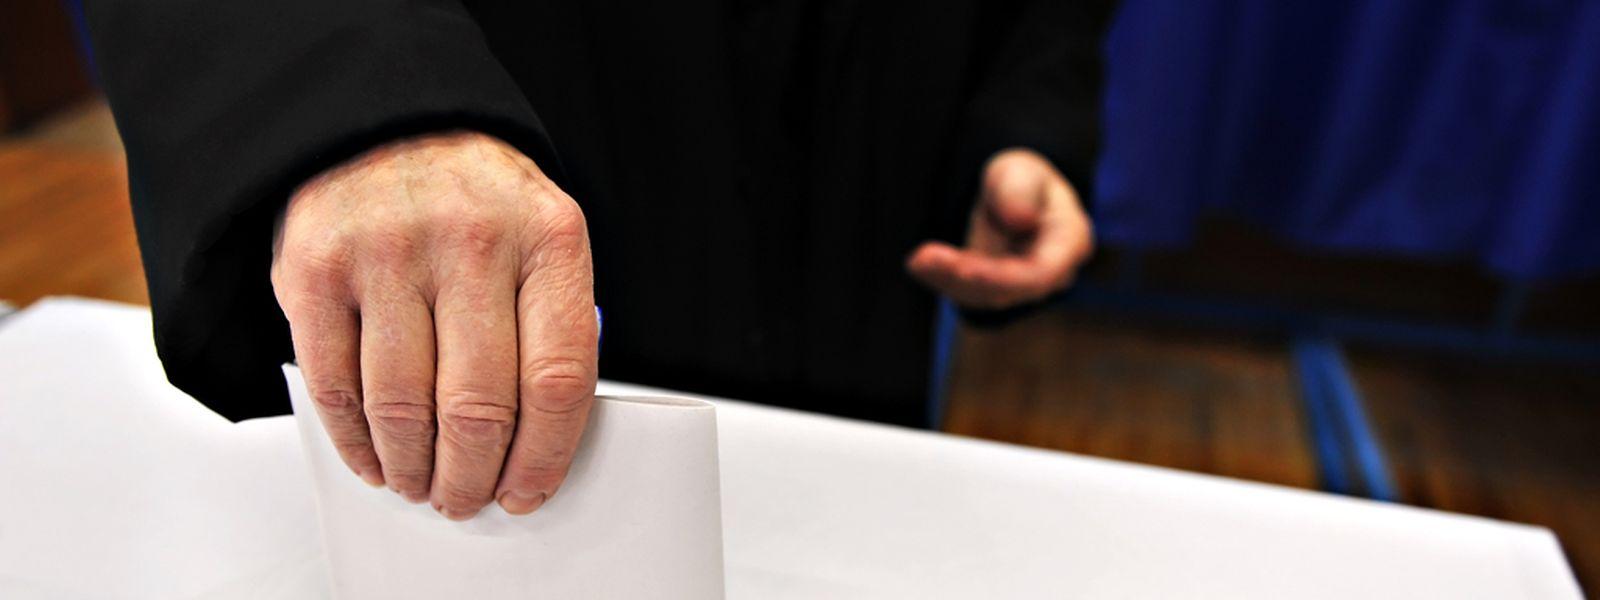 Die CSV warnt vor einem Referendum über das Ausländerwahlrecht. Dadurch riskiere man eine öffentliche Debatte, die die Gesellschaft spalten könnte.